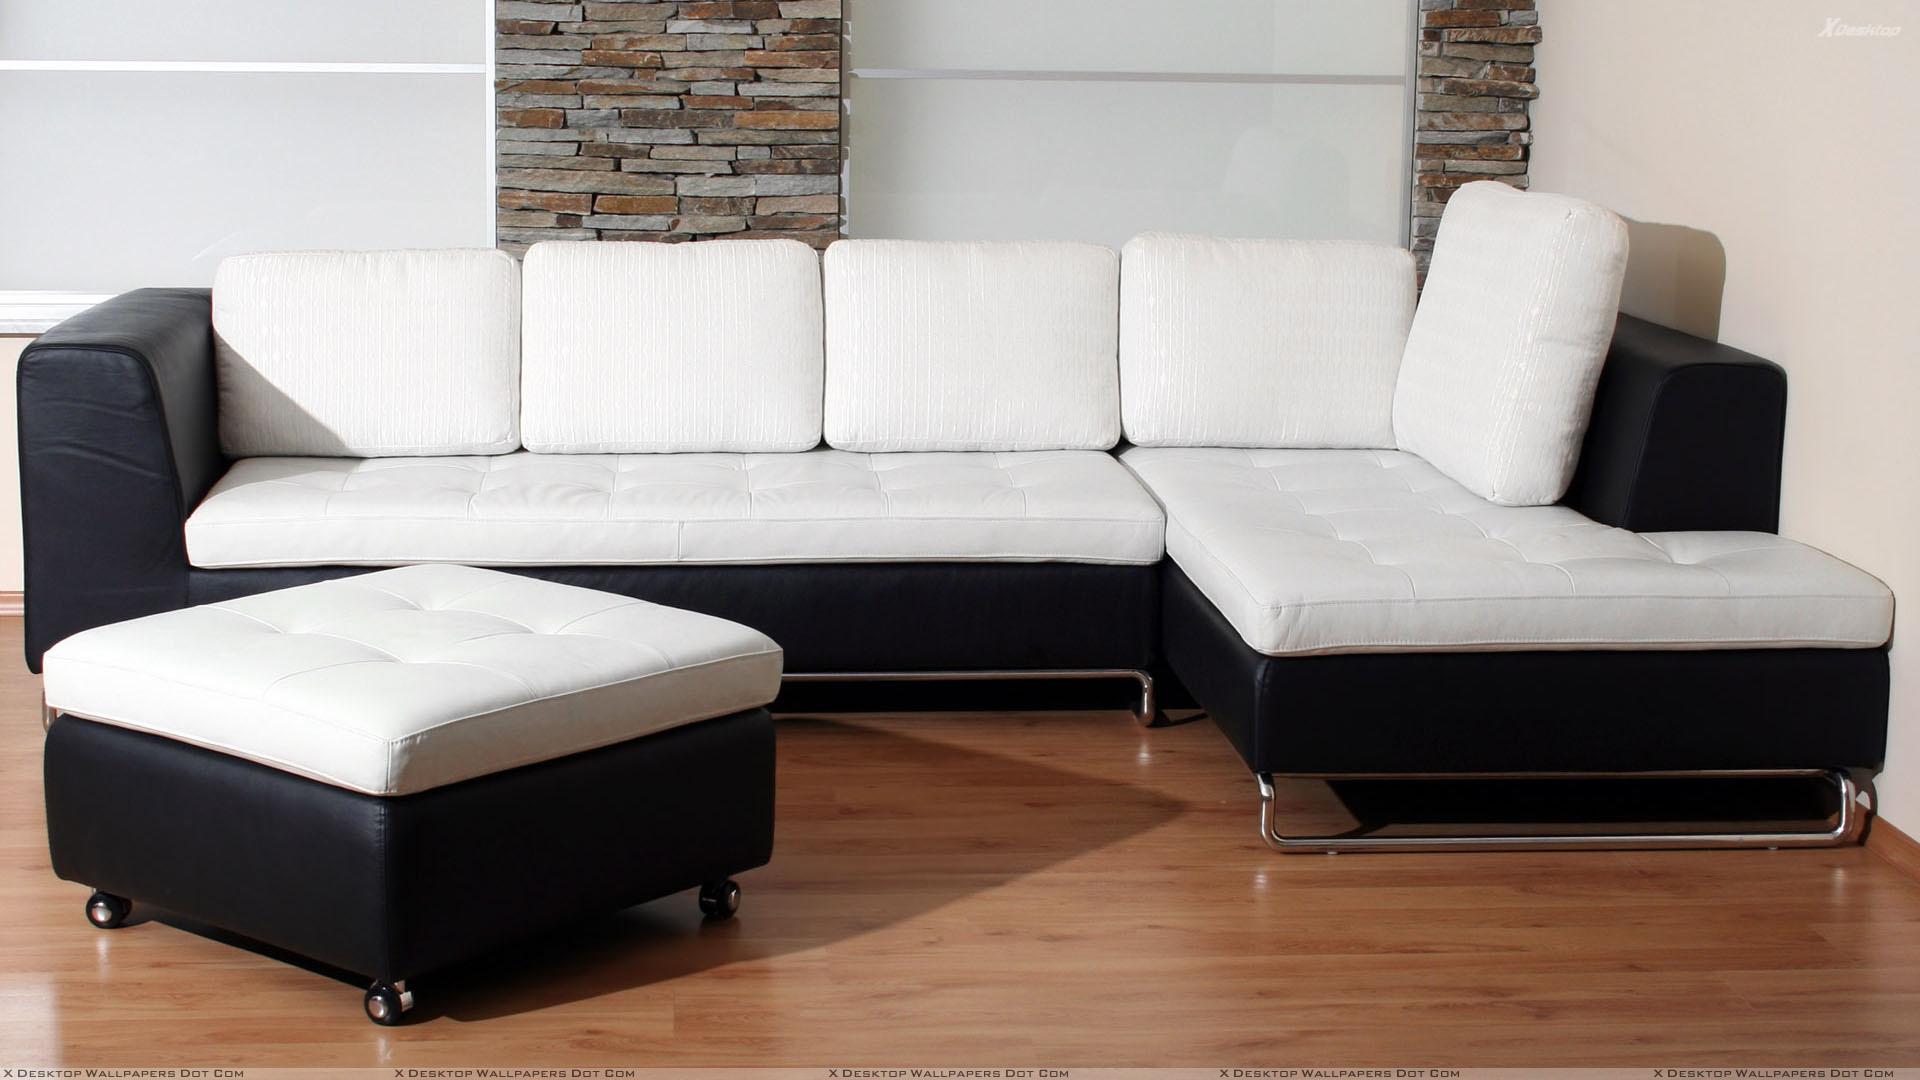 rent to own scam or legitimate option smart homebuying. Black Bedroom Furniture Sets. Home Design Ideas